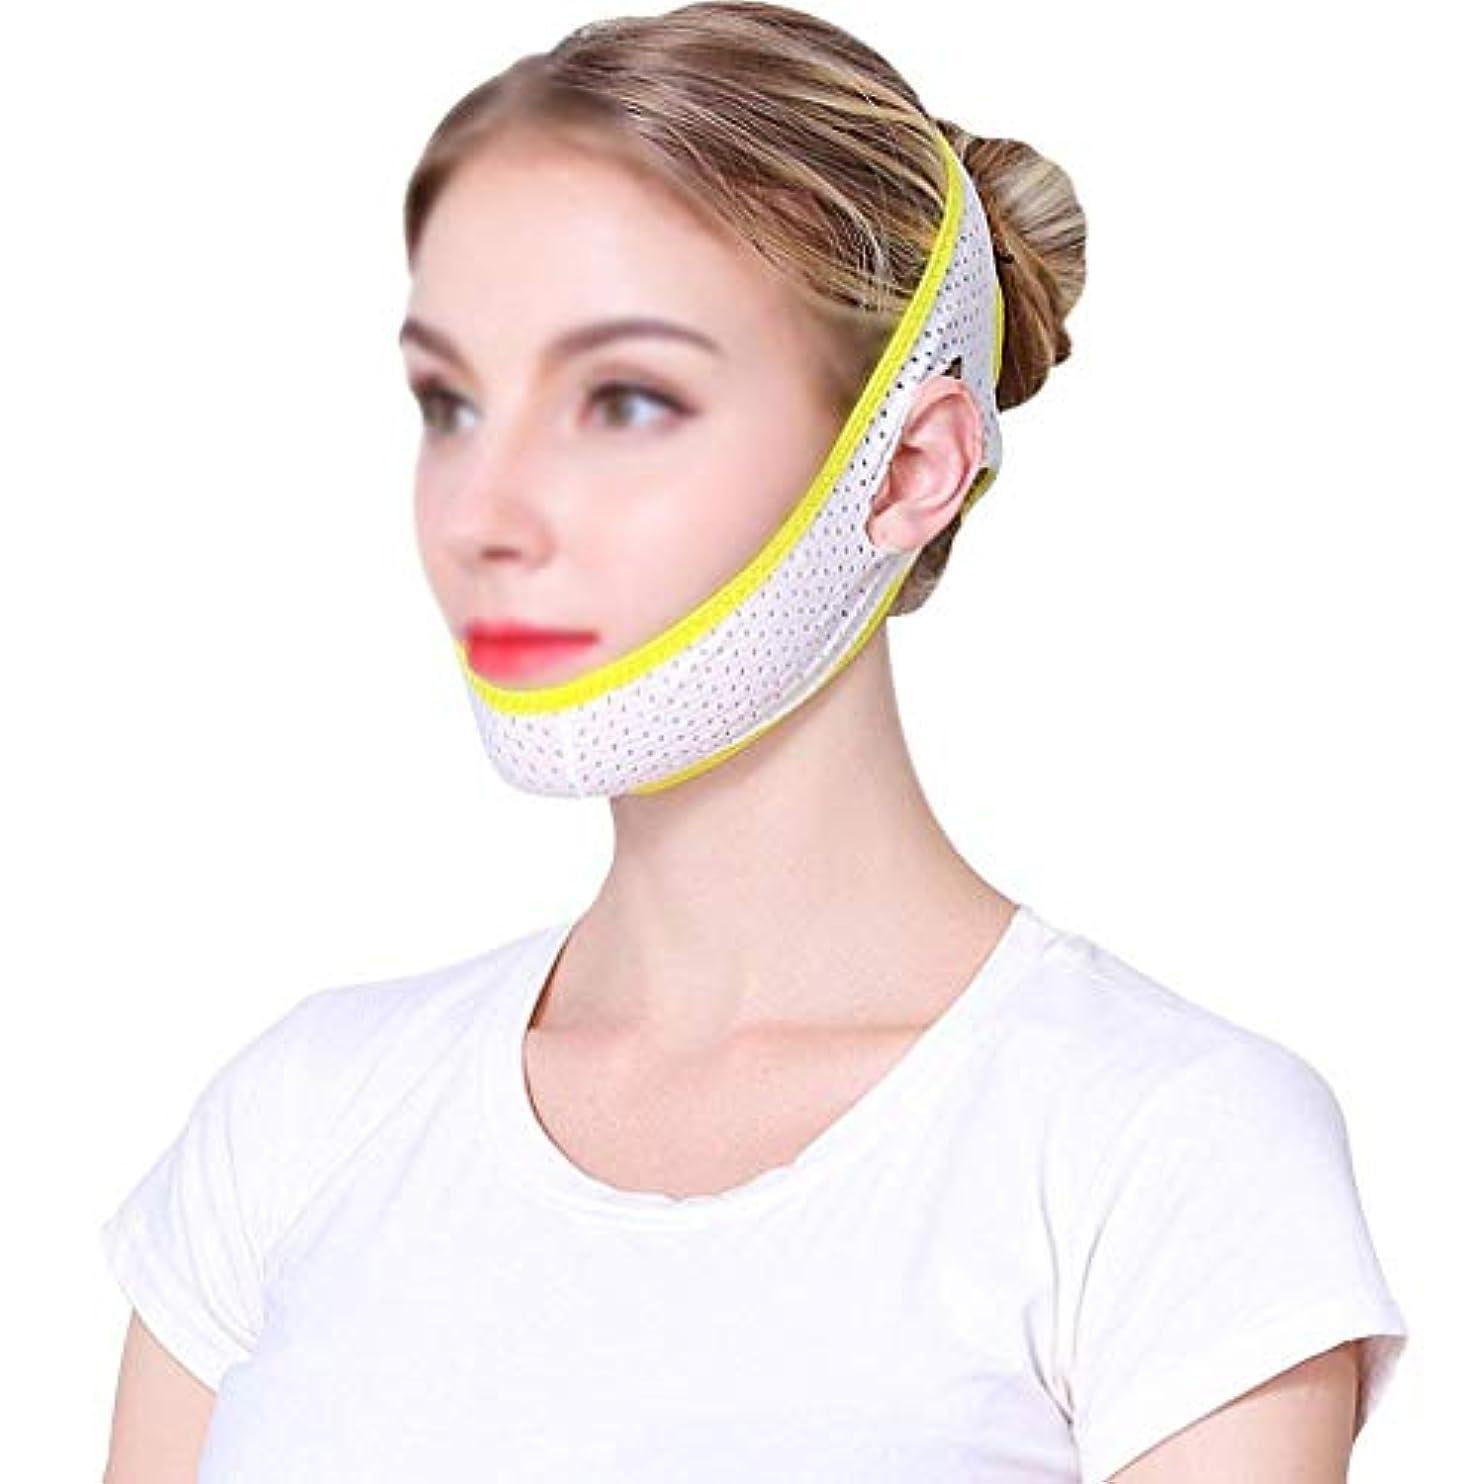 試験ジャーナルつかの間マスク、包帯、整形外科の夏の通気性の薄いセクション二重あごひものVの表面の薄いフェイスマスクを持ち上げて下さい